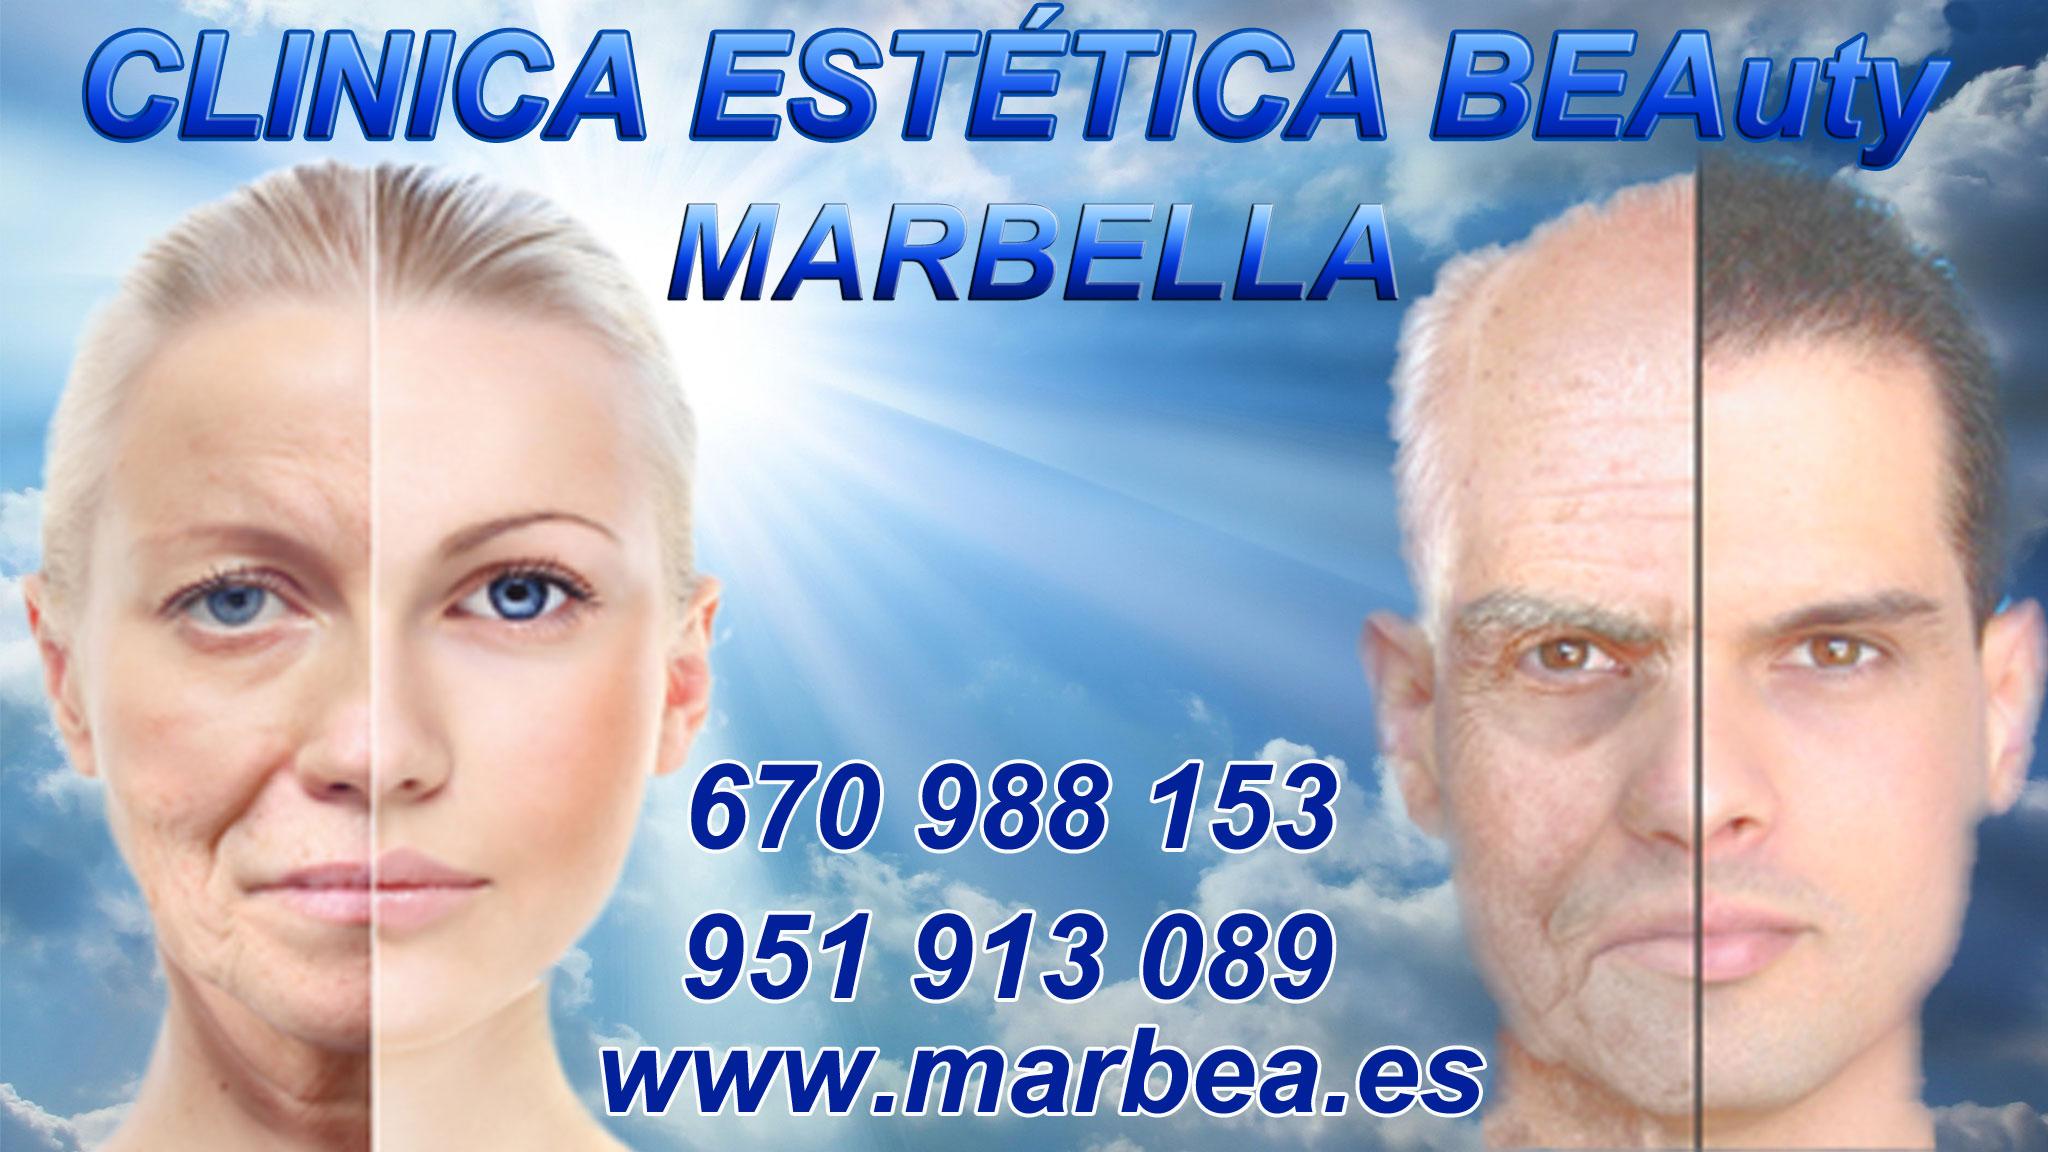 micropigmentaci capilar Marbella Clica Estica y tratamiento caida del pelo hombres Marbella